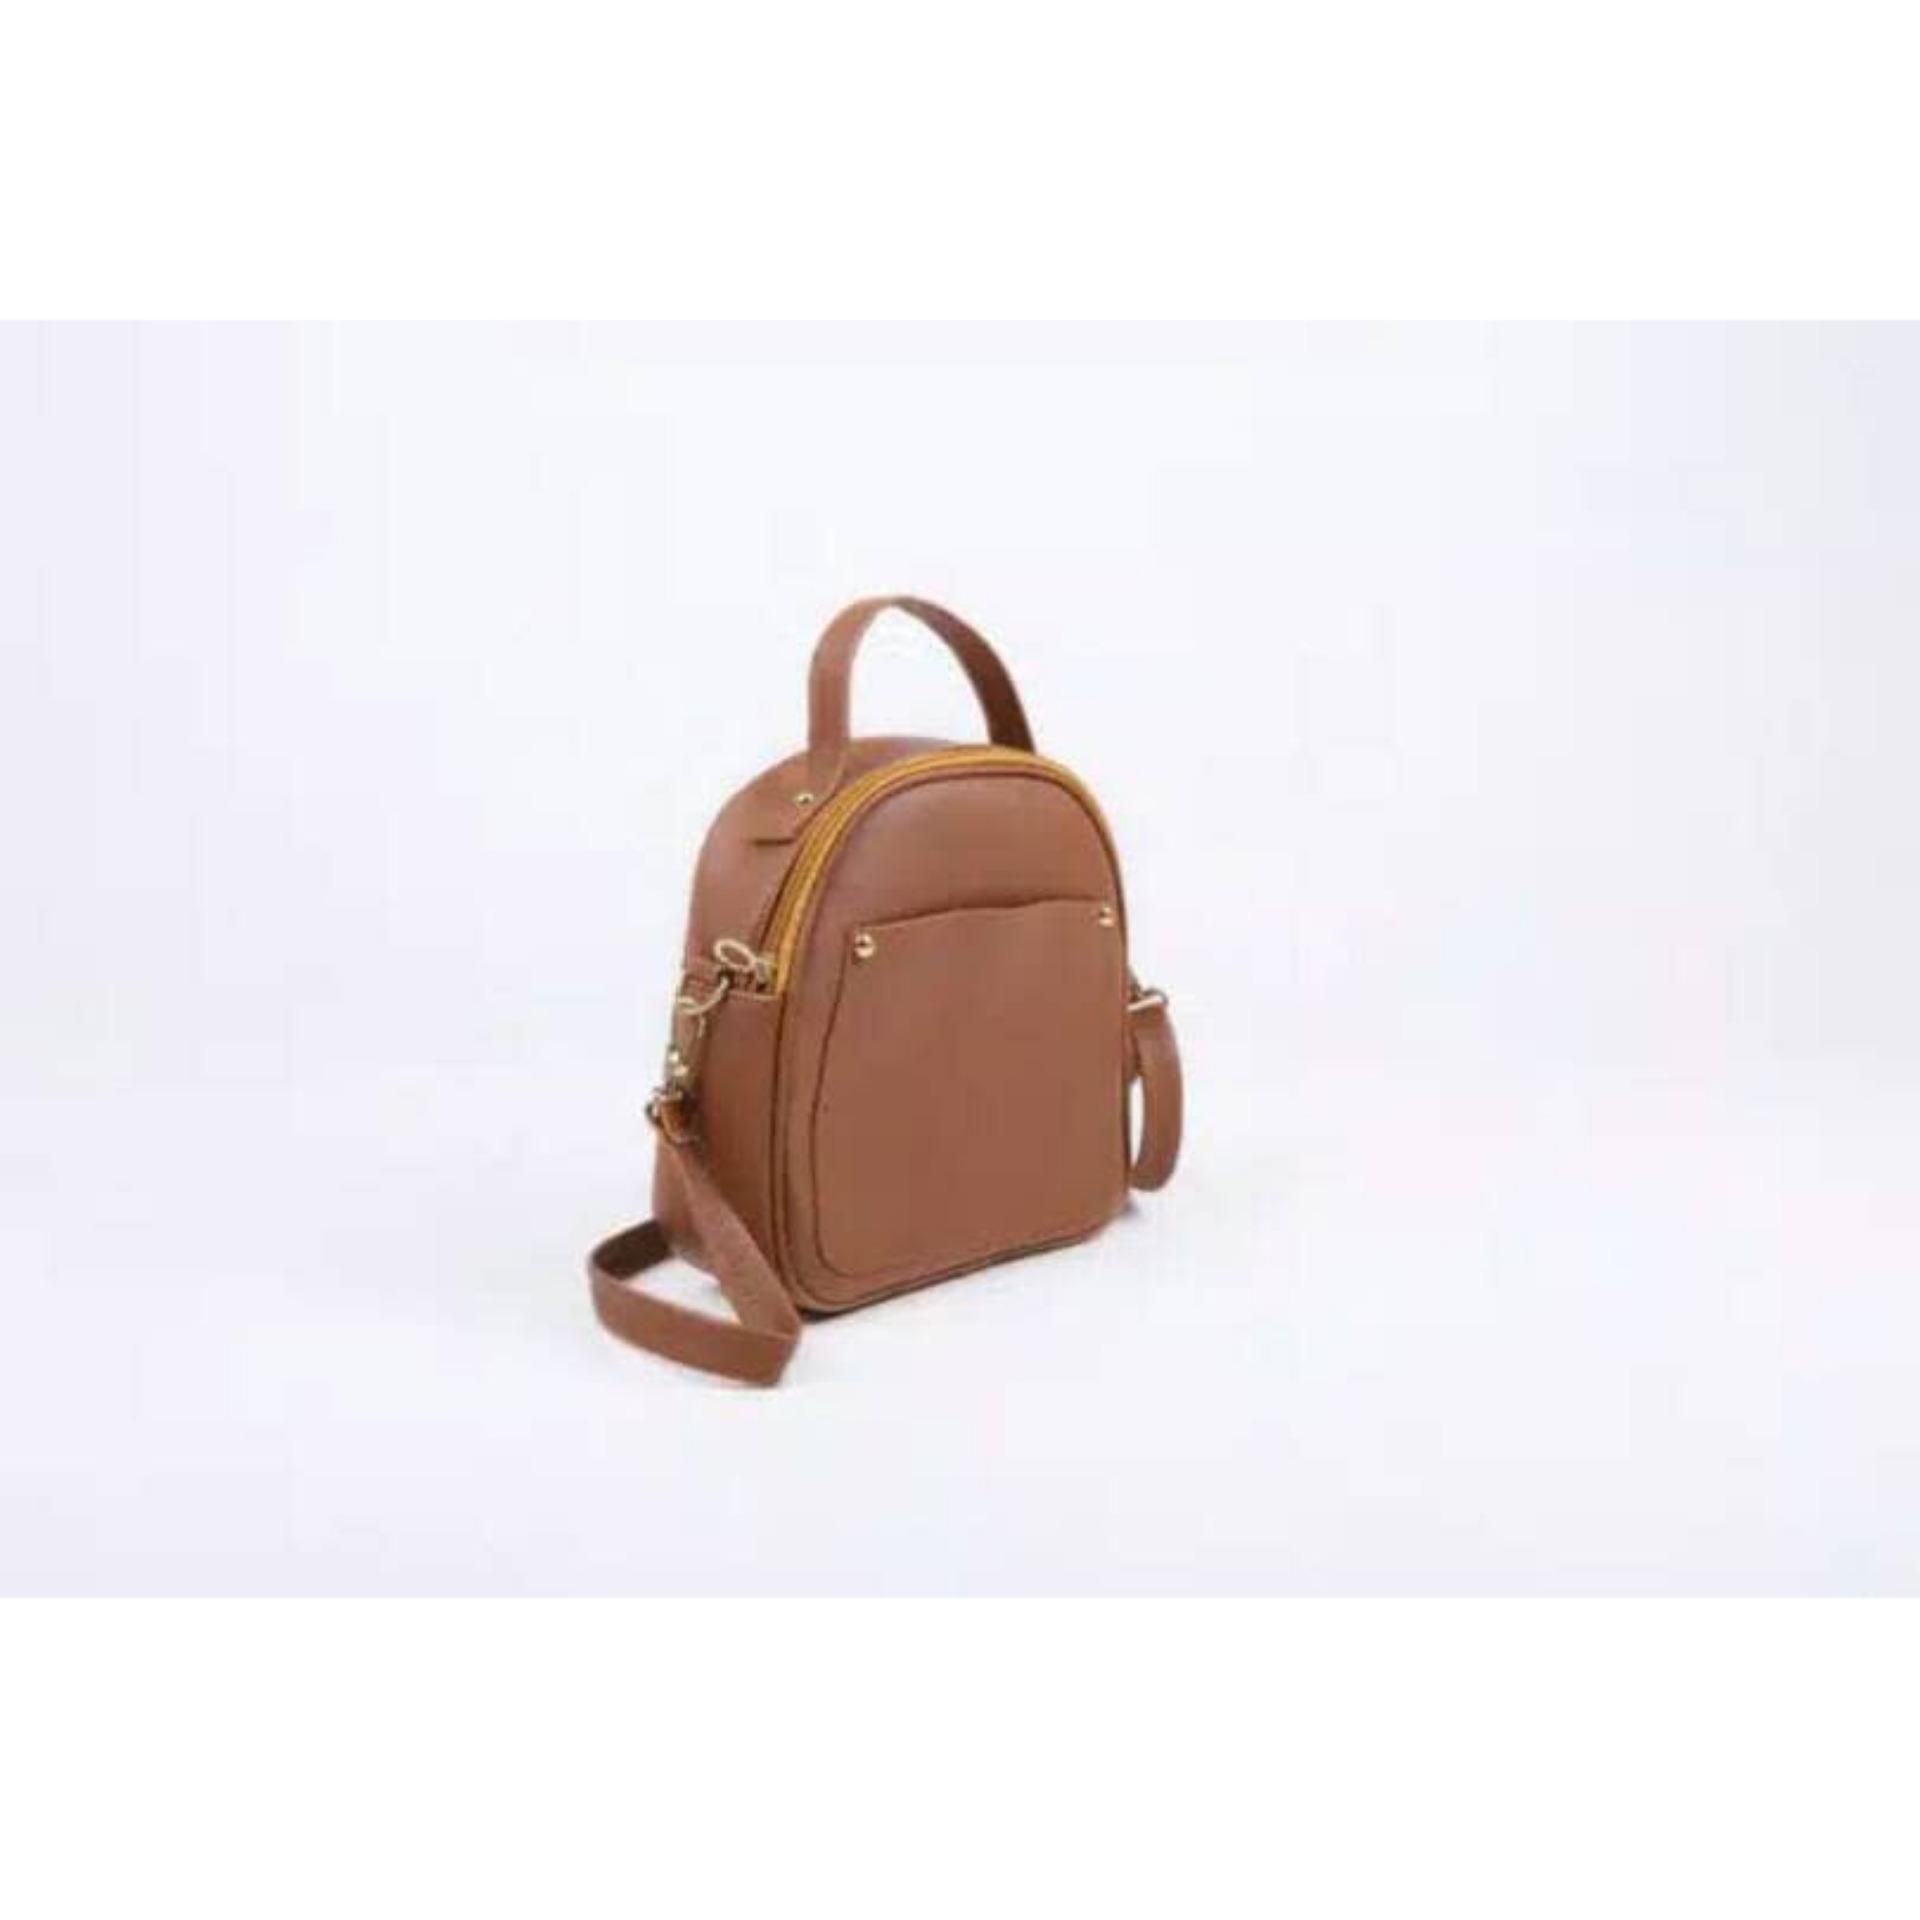 Beli Barang Tas Mini Slempang Wanita Tas Backpack Mini Wanita Cah 0174 Online